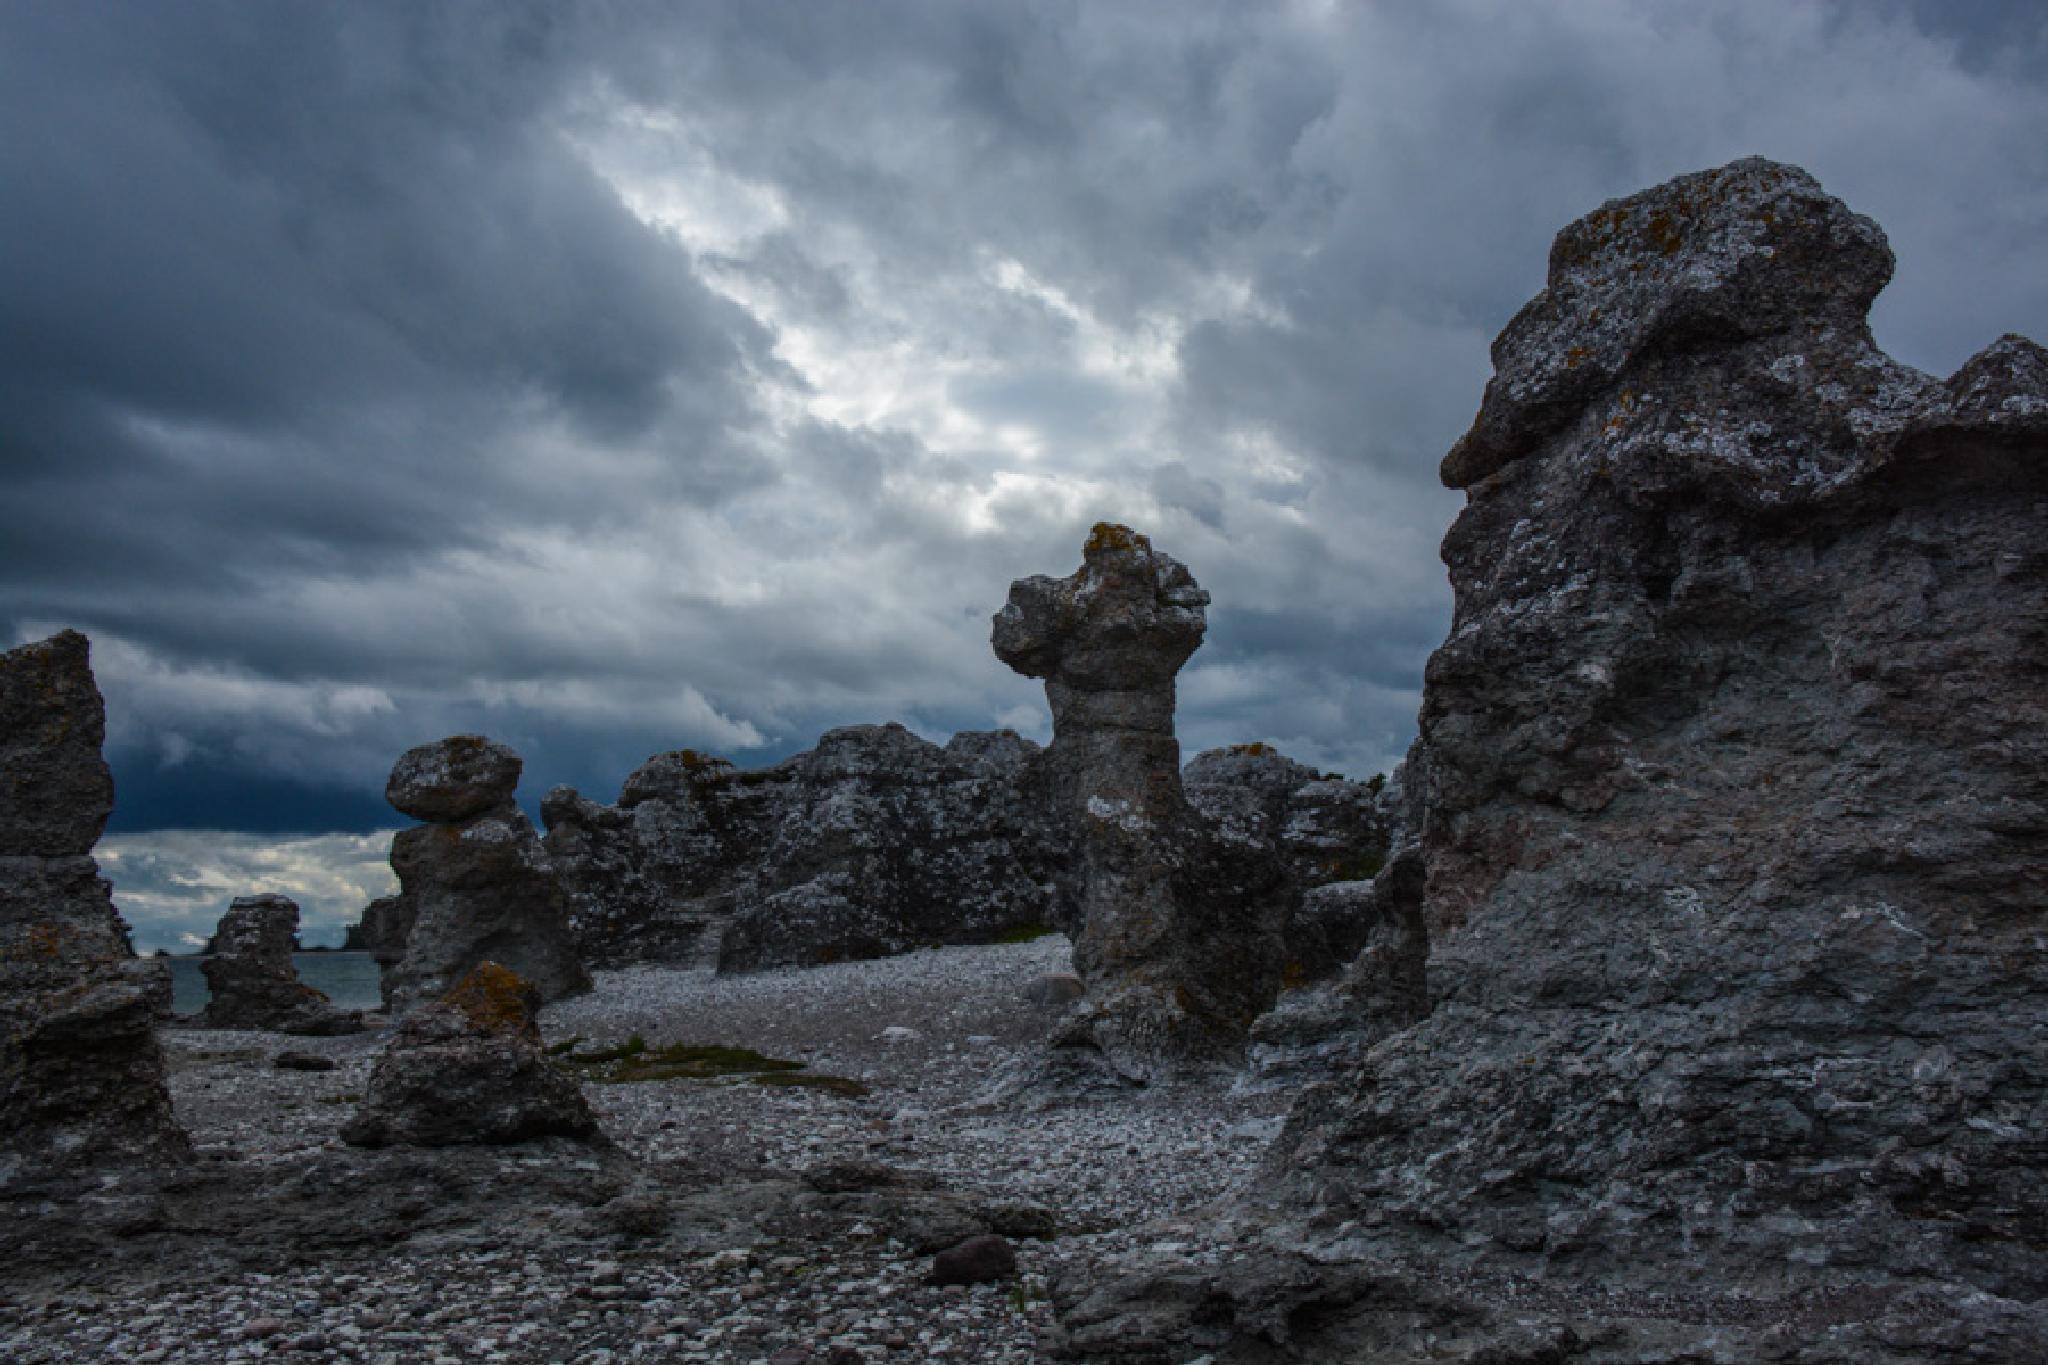 Folshammars raukar,Gotland by Lars Delling